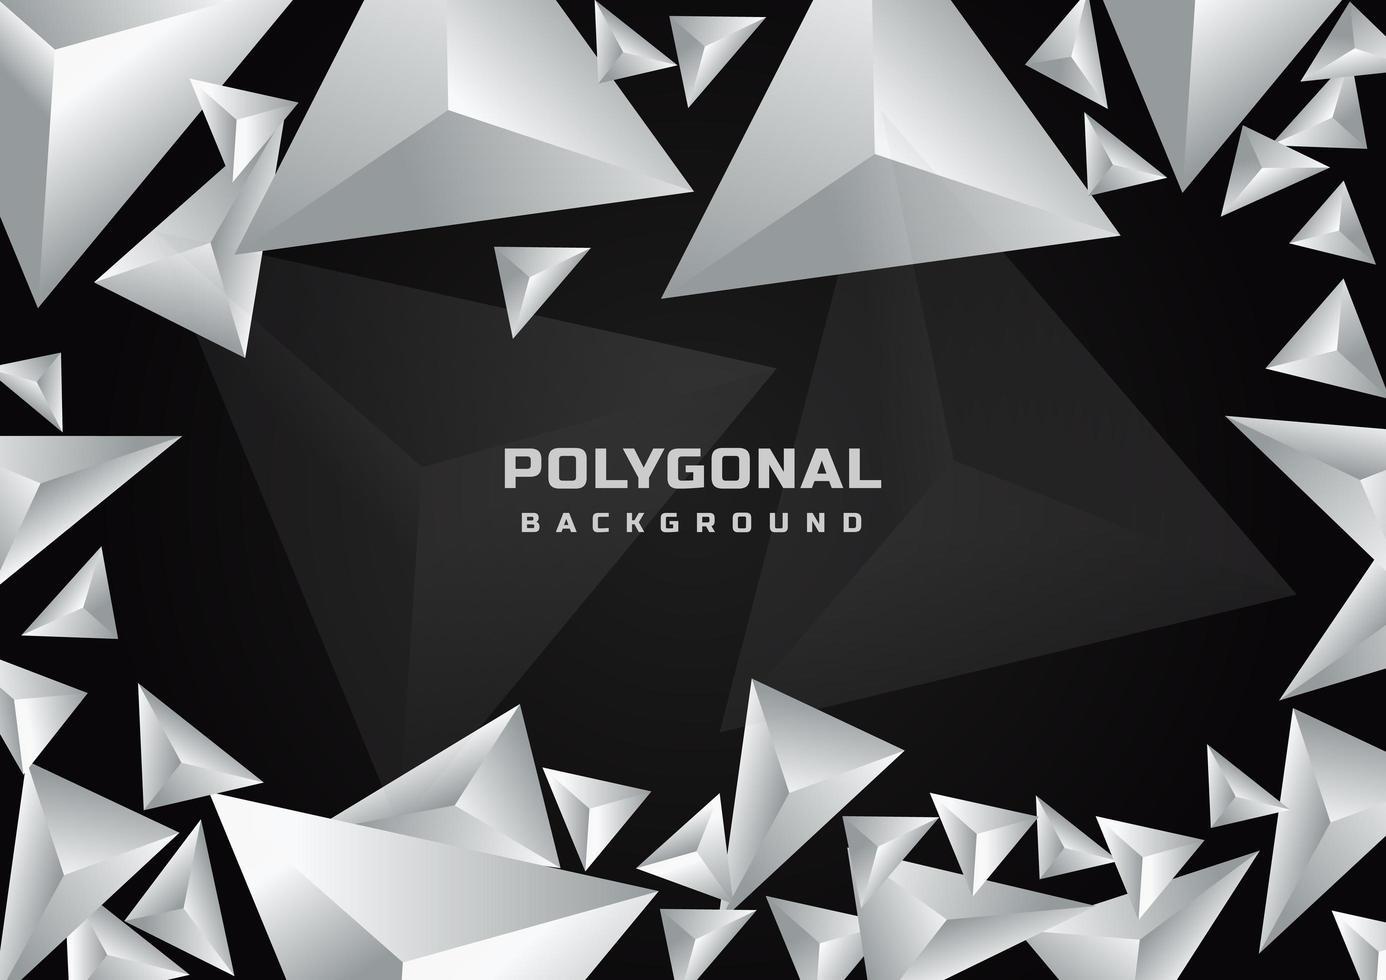 fundo poligonal geométrico abstrato vetor